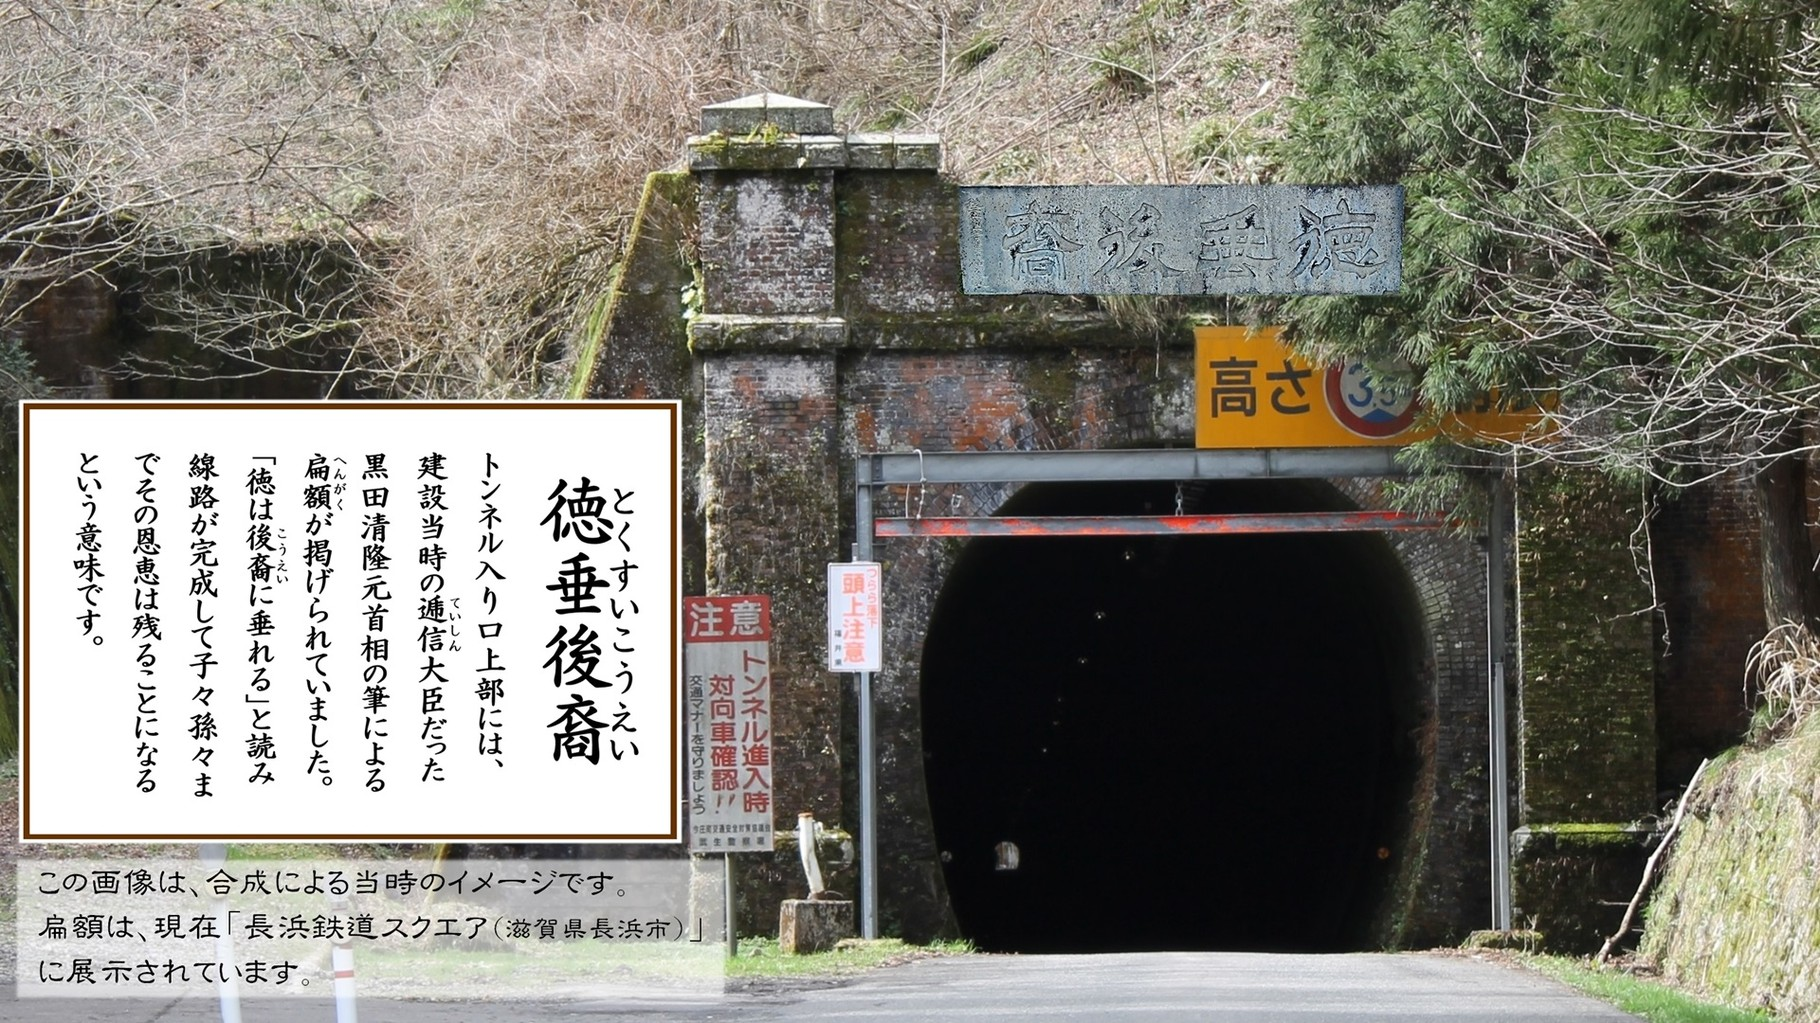 当時の山中トンネル入口を再現